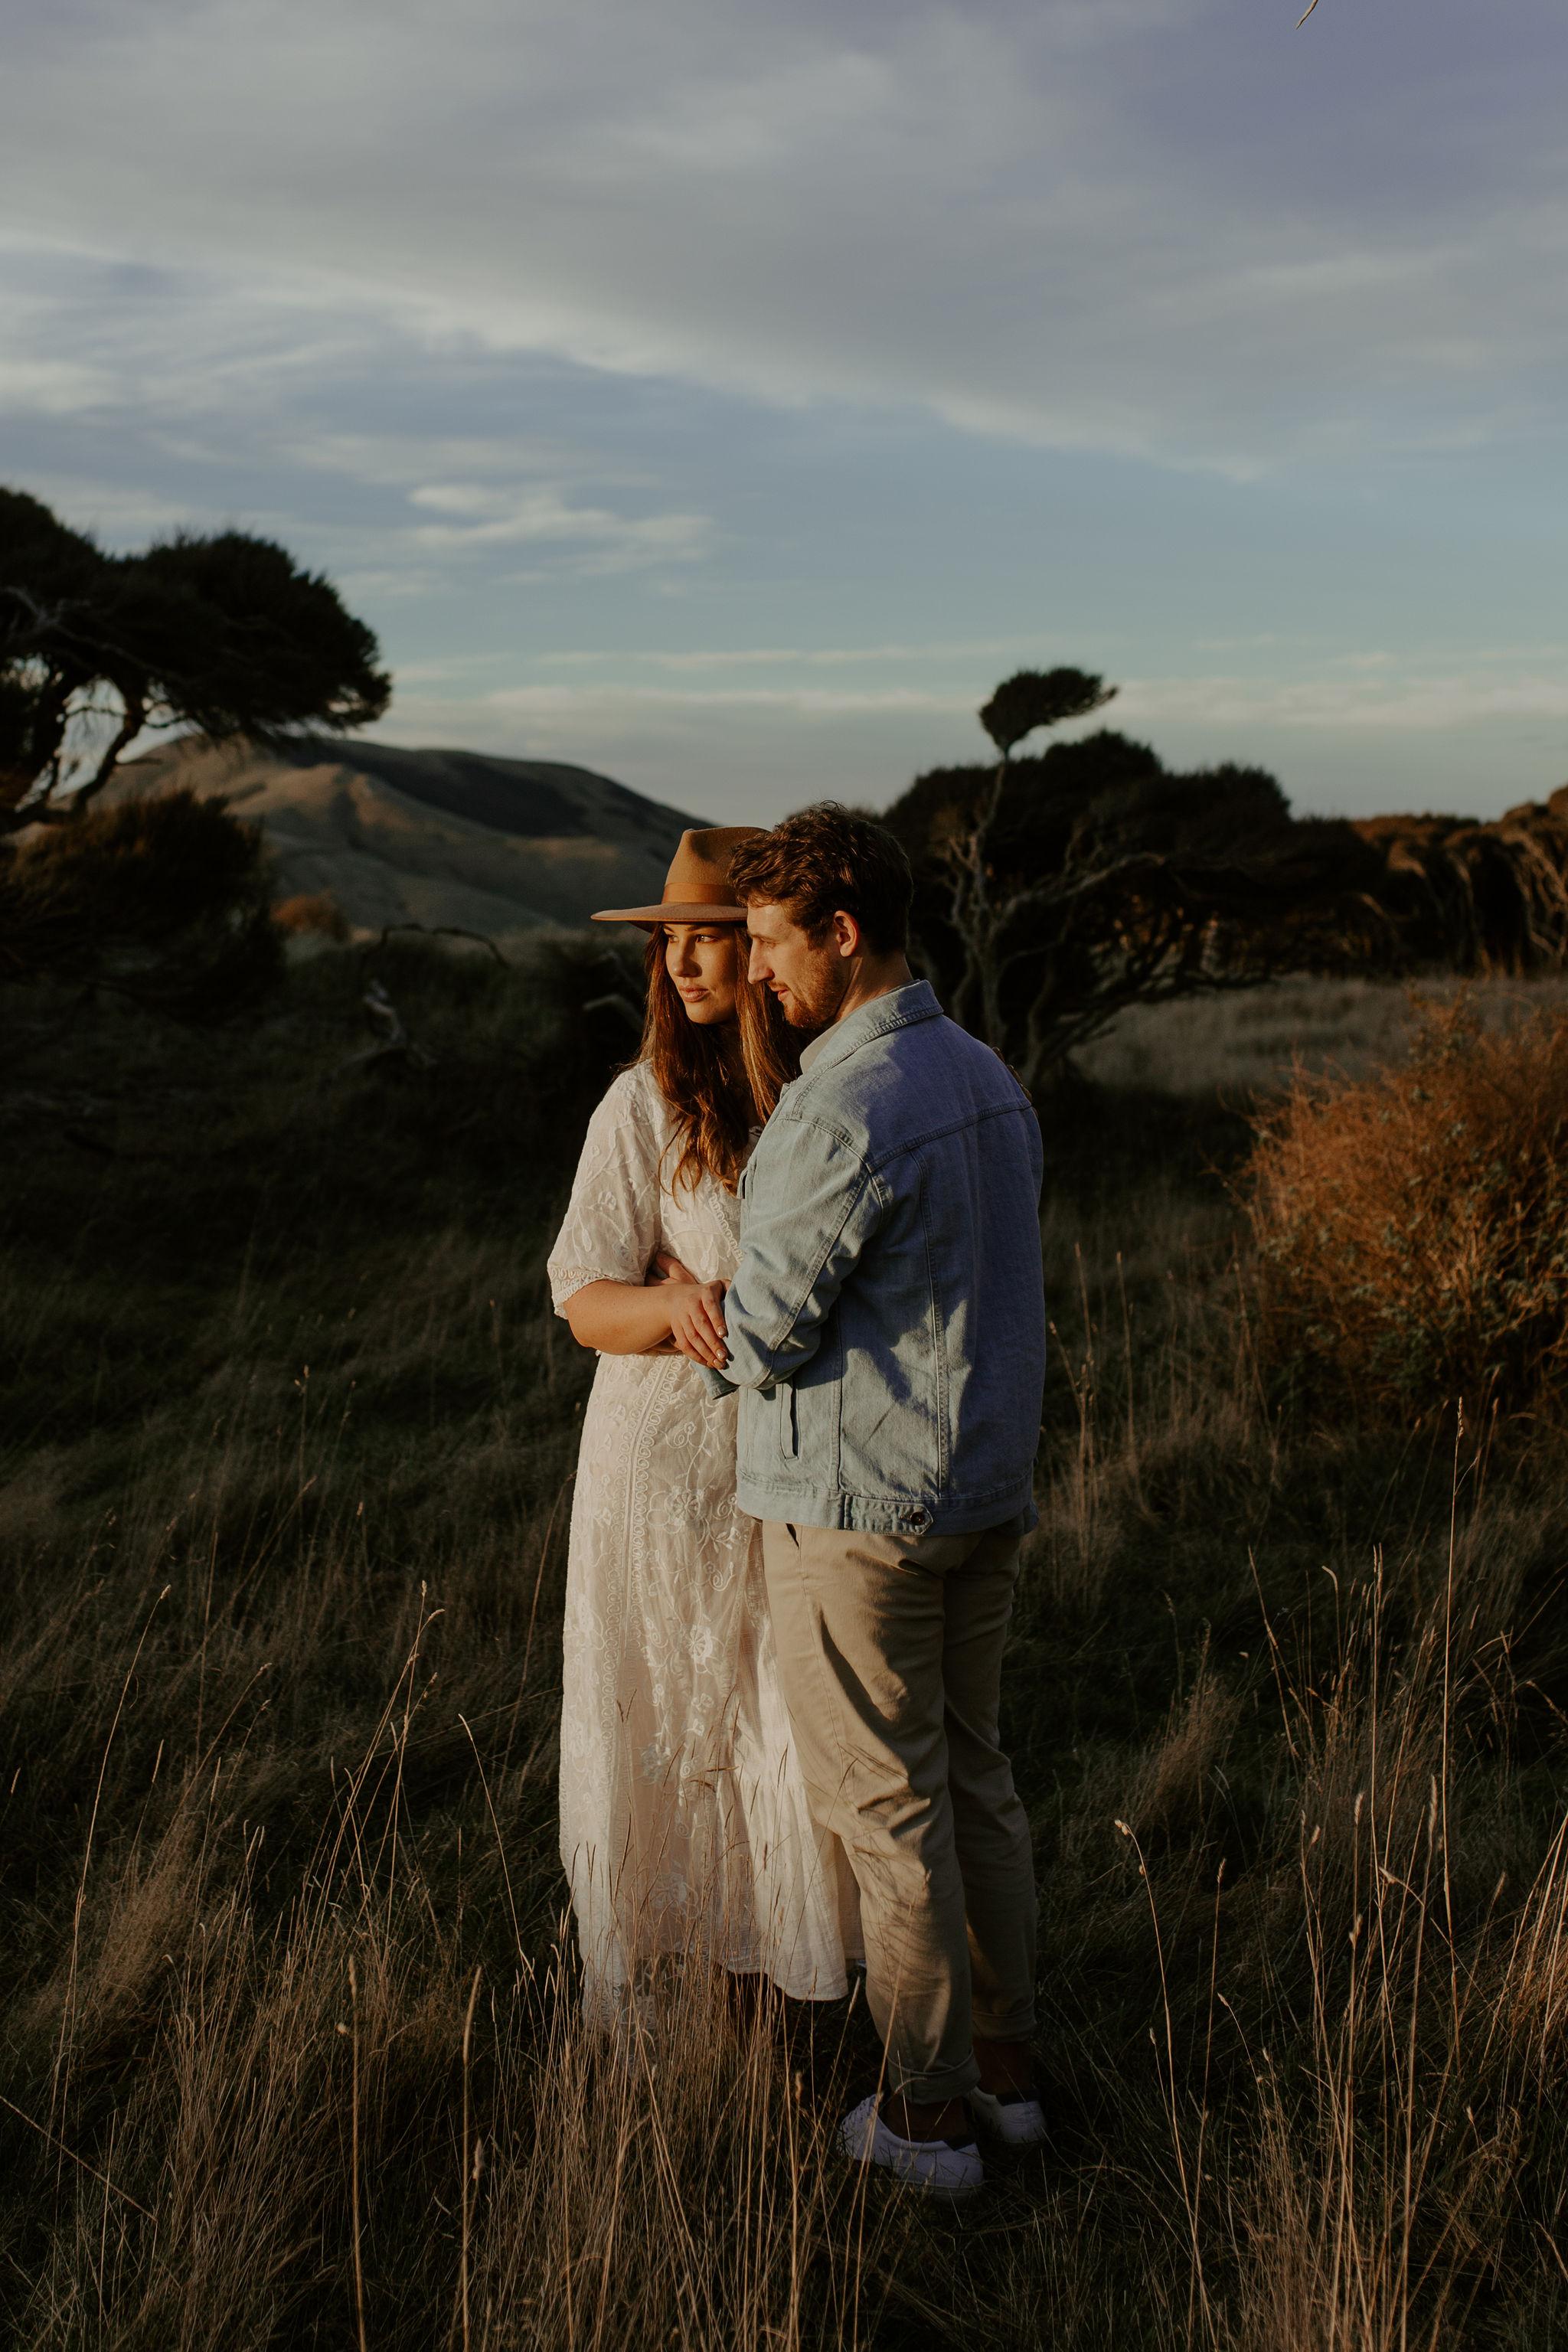 Dunedin-NewZealand-Elopement-Engagement-Photographer-Sam-Ashlie-6659.jpg